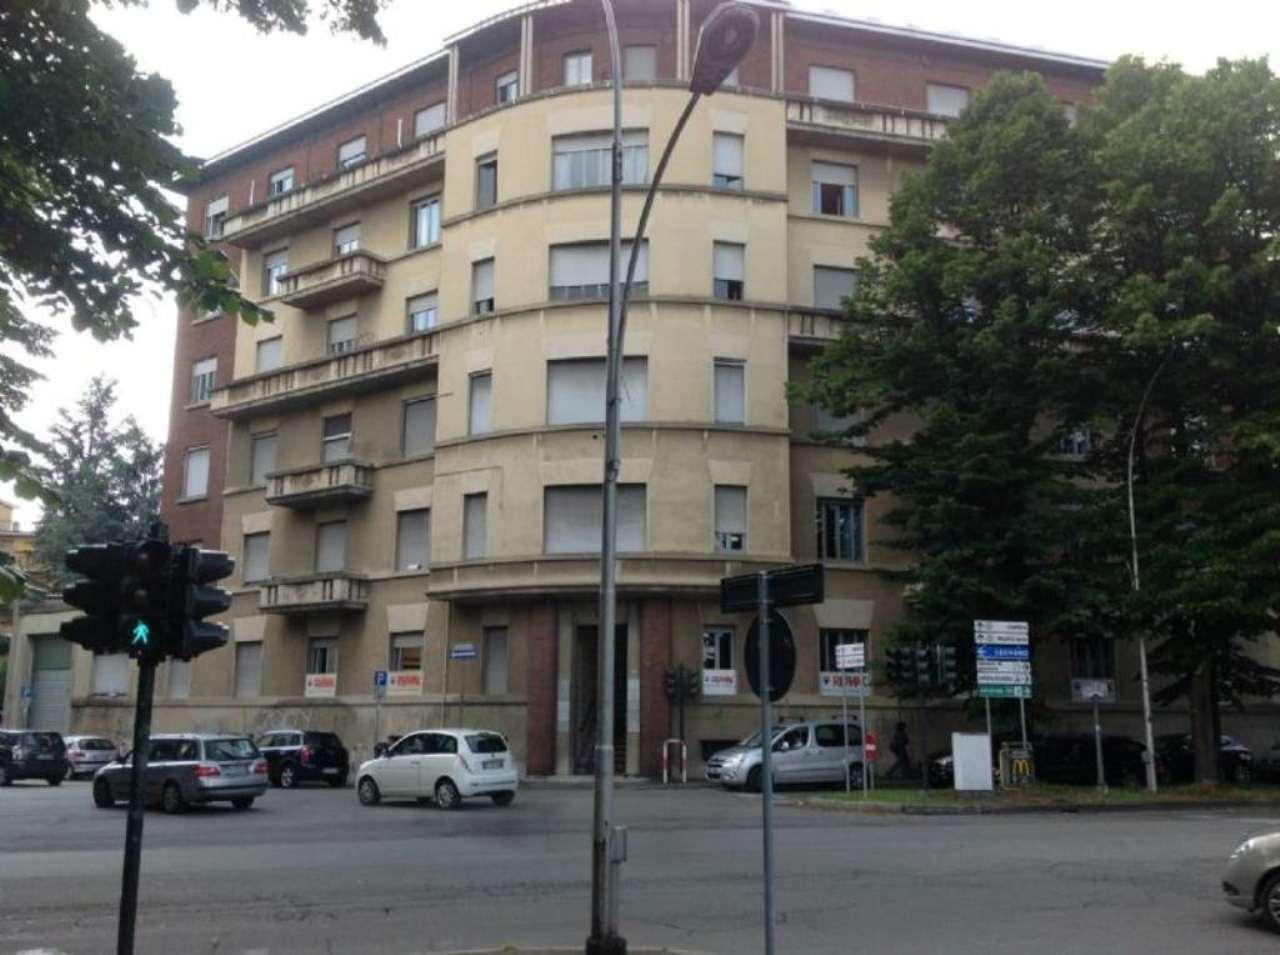 Ufficio / Studio in affitto a Busto Arsizio, 3 locali, prezzo € 550 | Cambio Casa.it